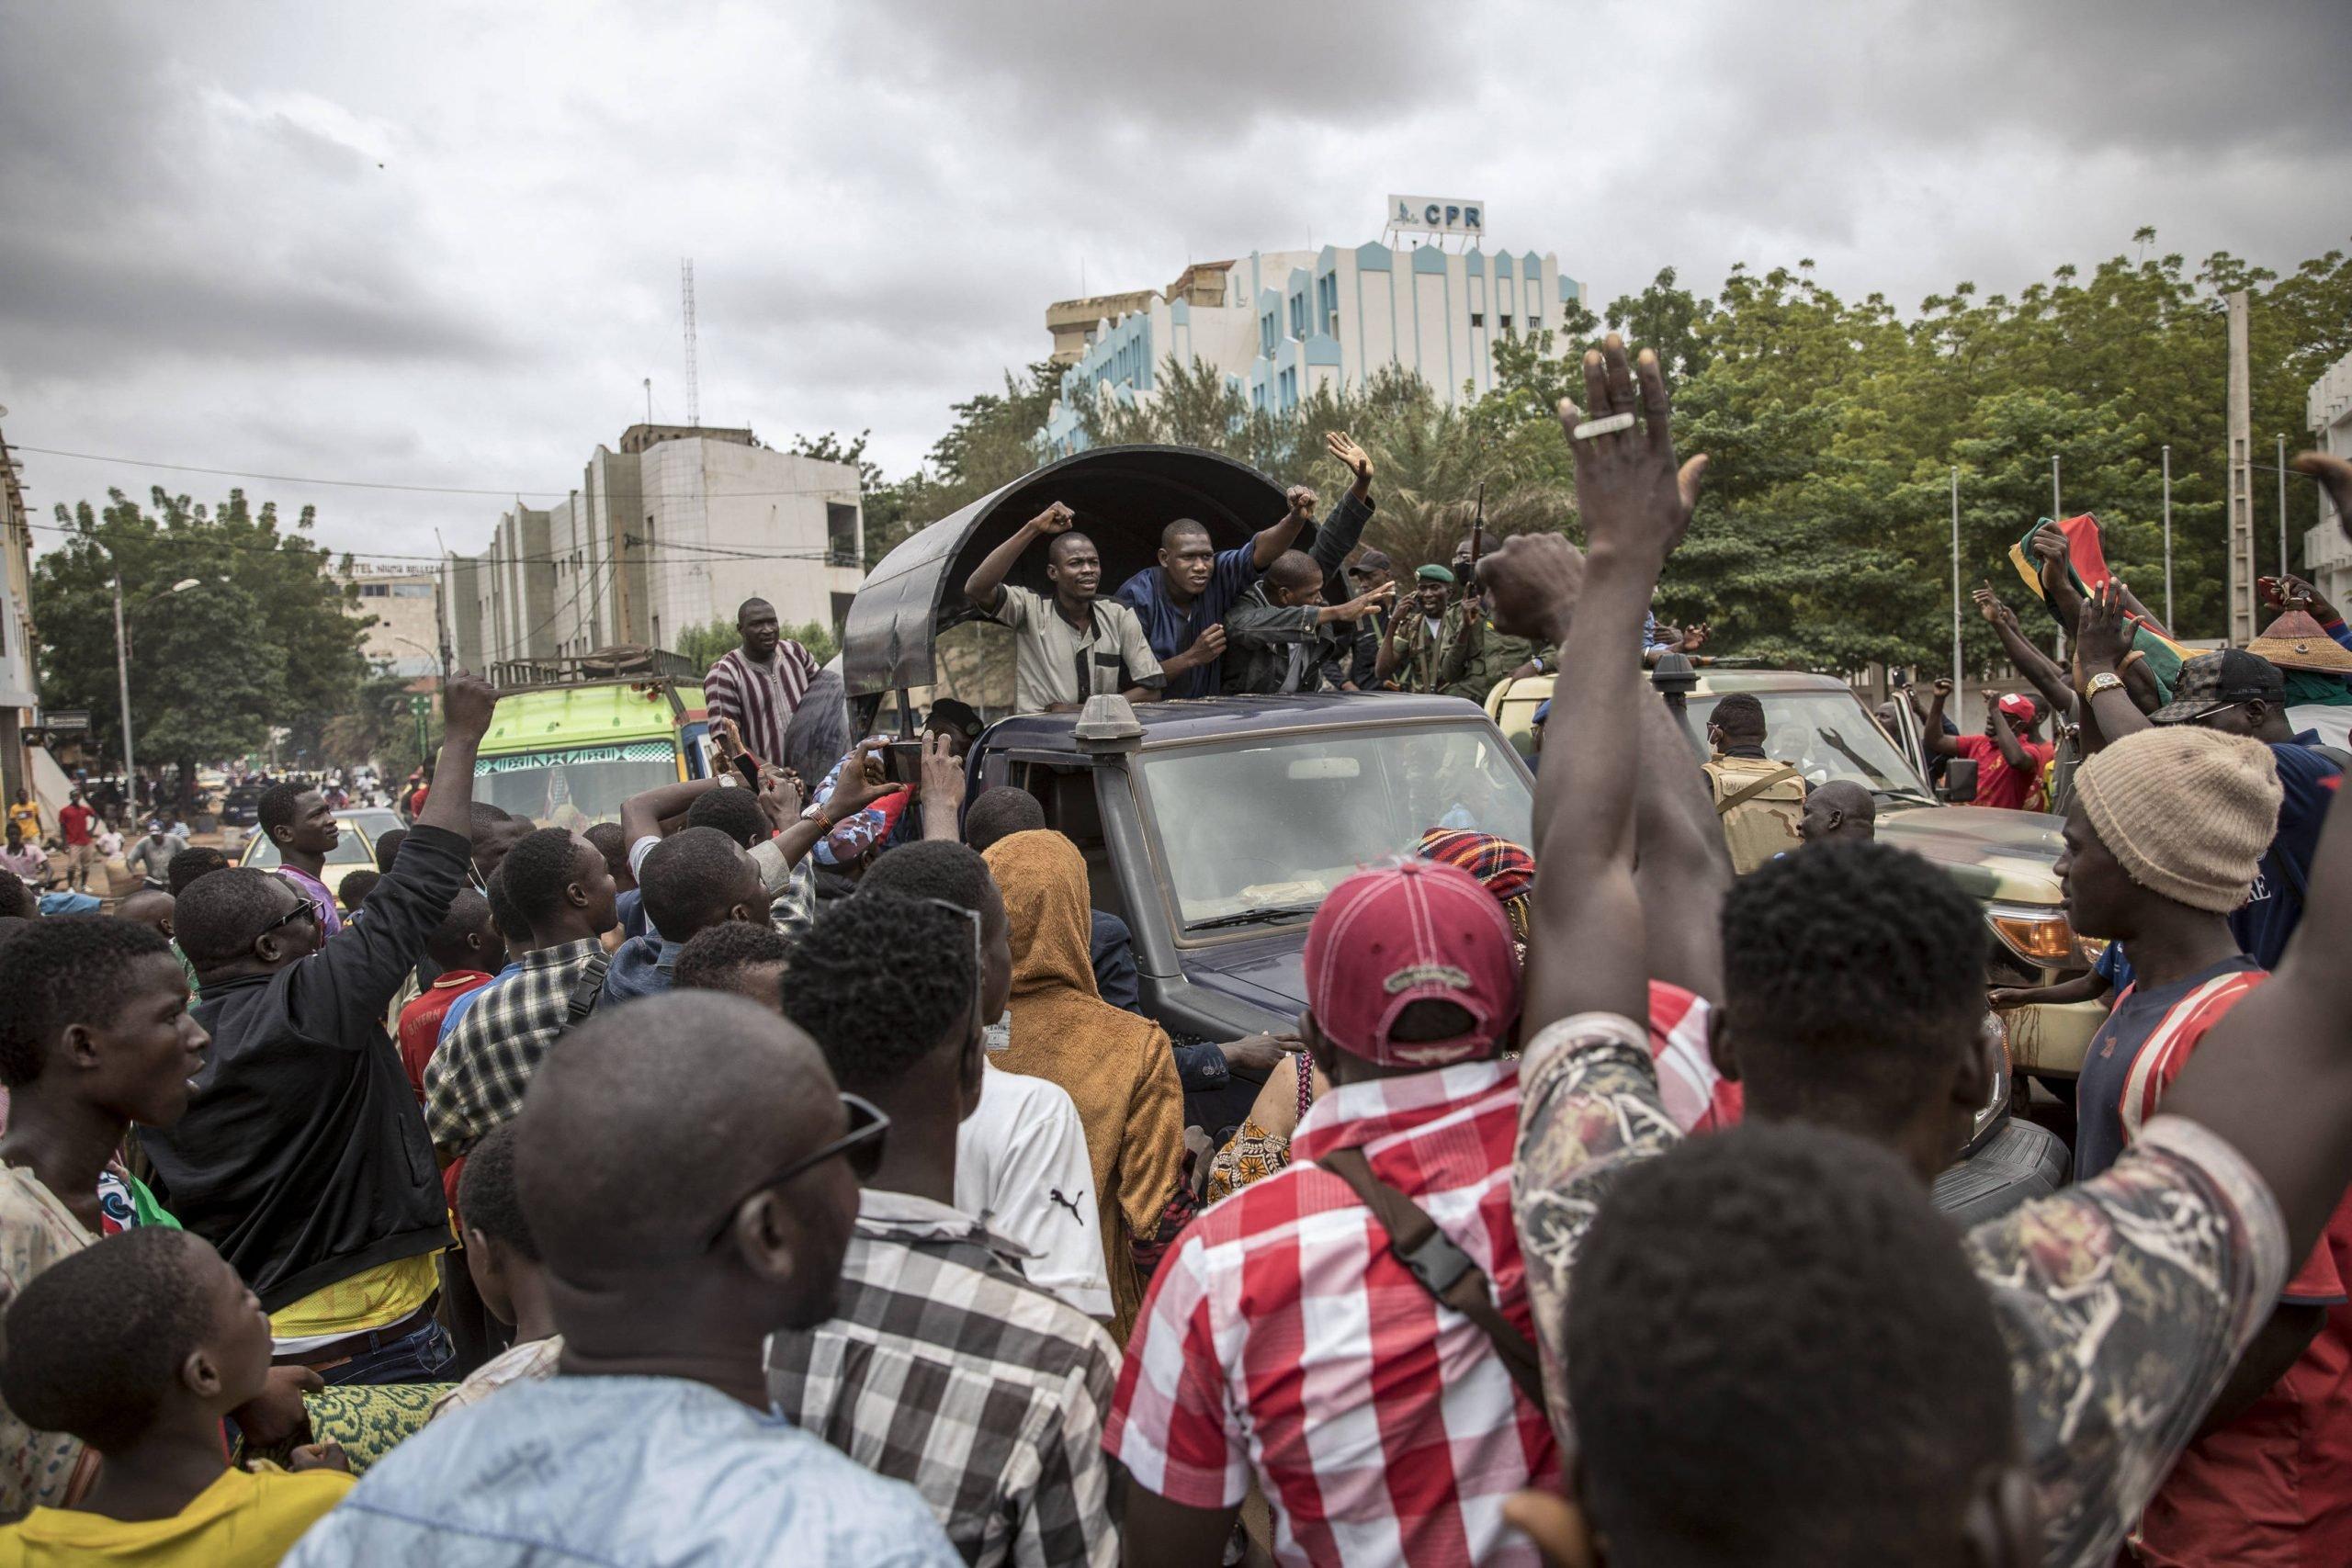 Des manifestants saluent un convoi de militaires, le 19 août 2020 à Bamako, au lendemain du coup d'État.